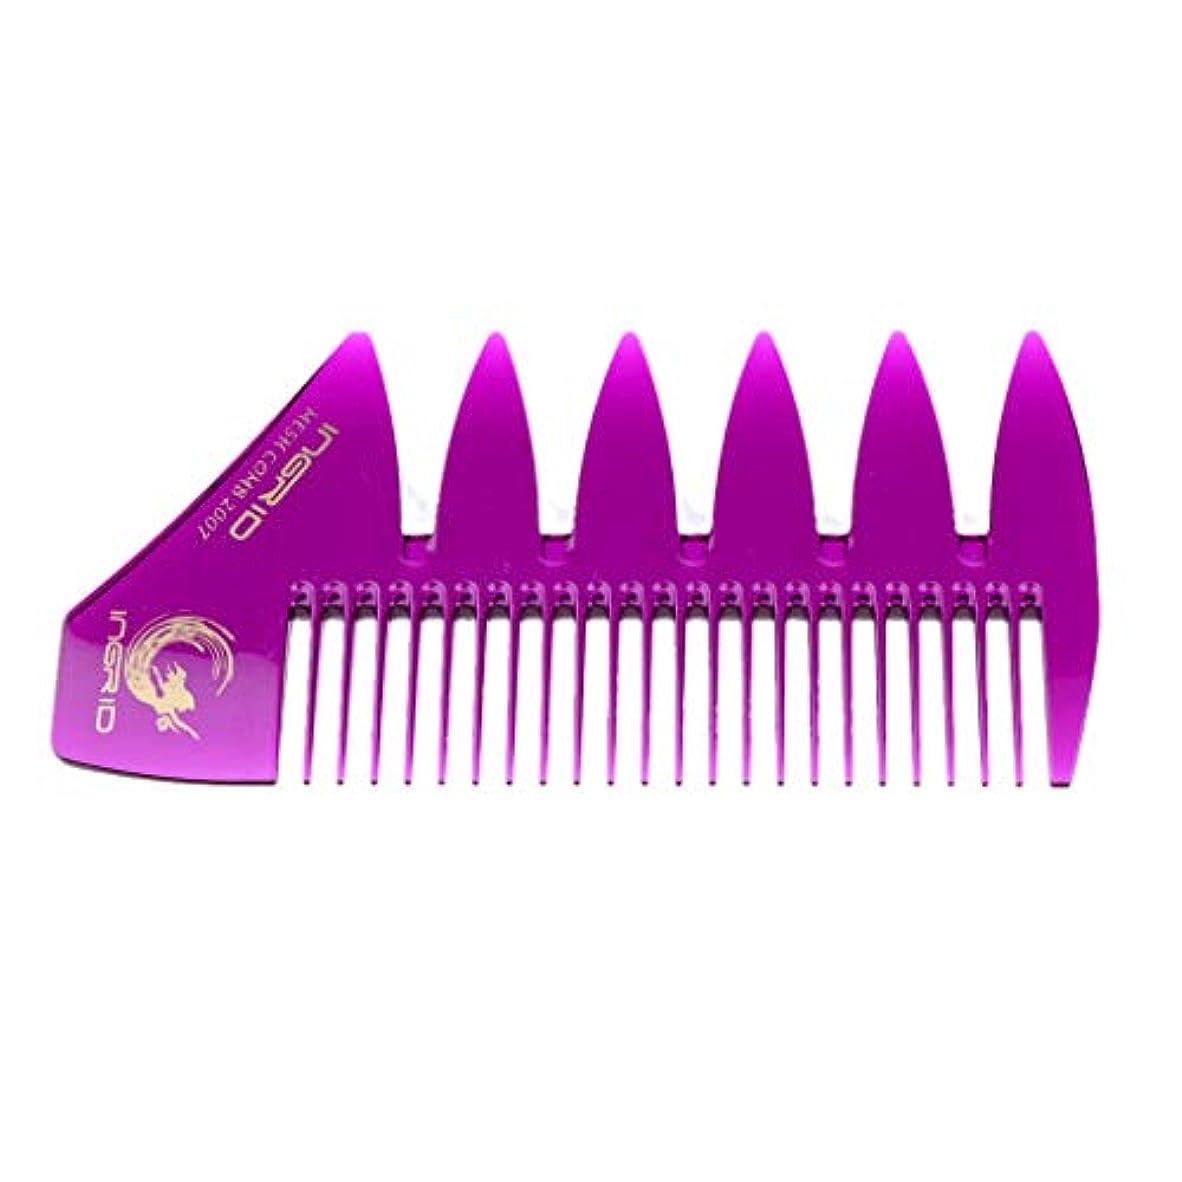 毛細血管買収安全プラスチック製 コーム 髪 櫛 くし 携帯用 ヘアケア メンズ & レディース 全4色 - パープル